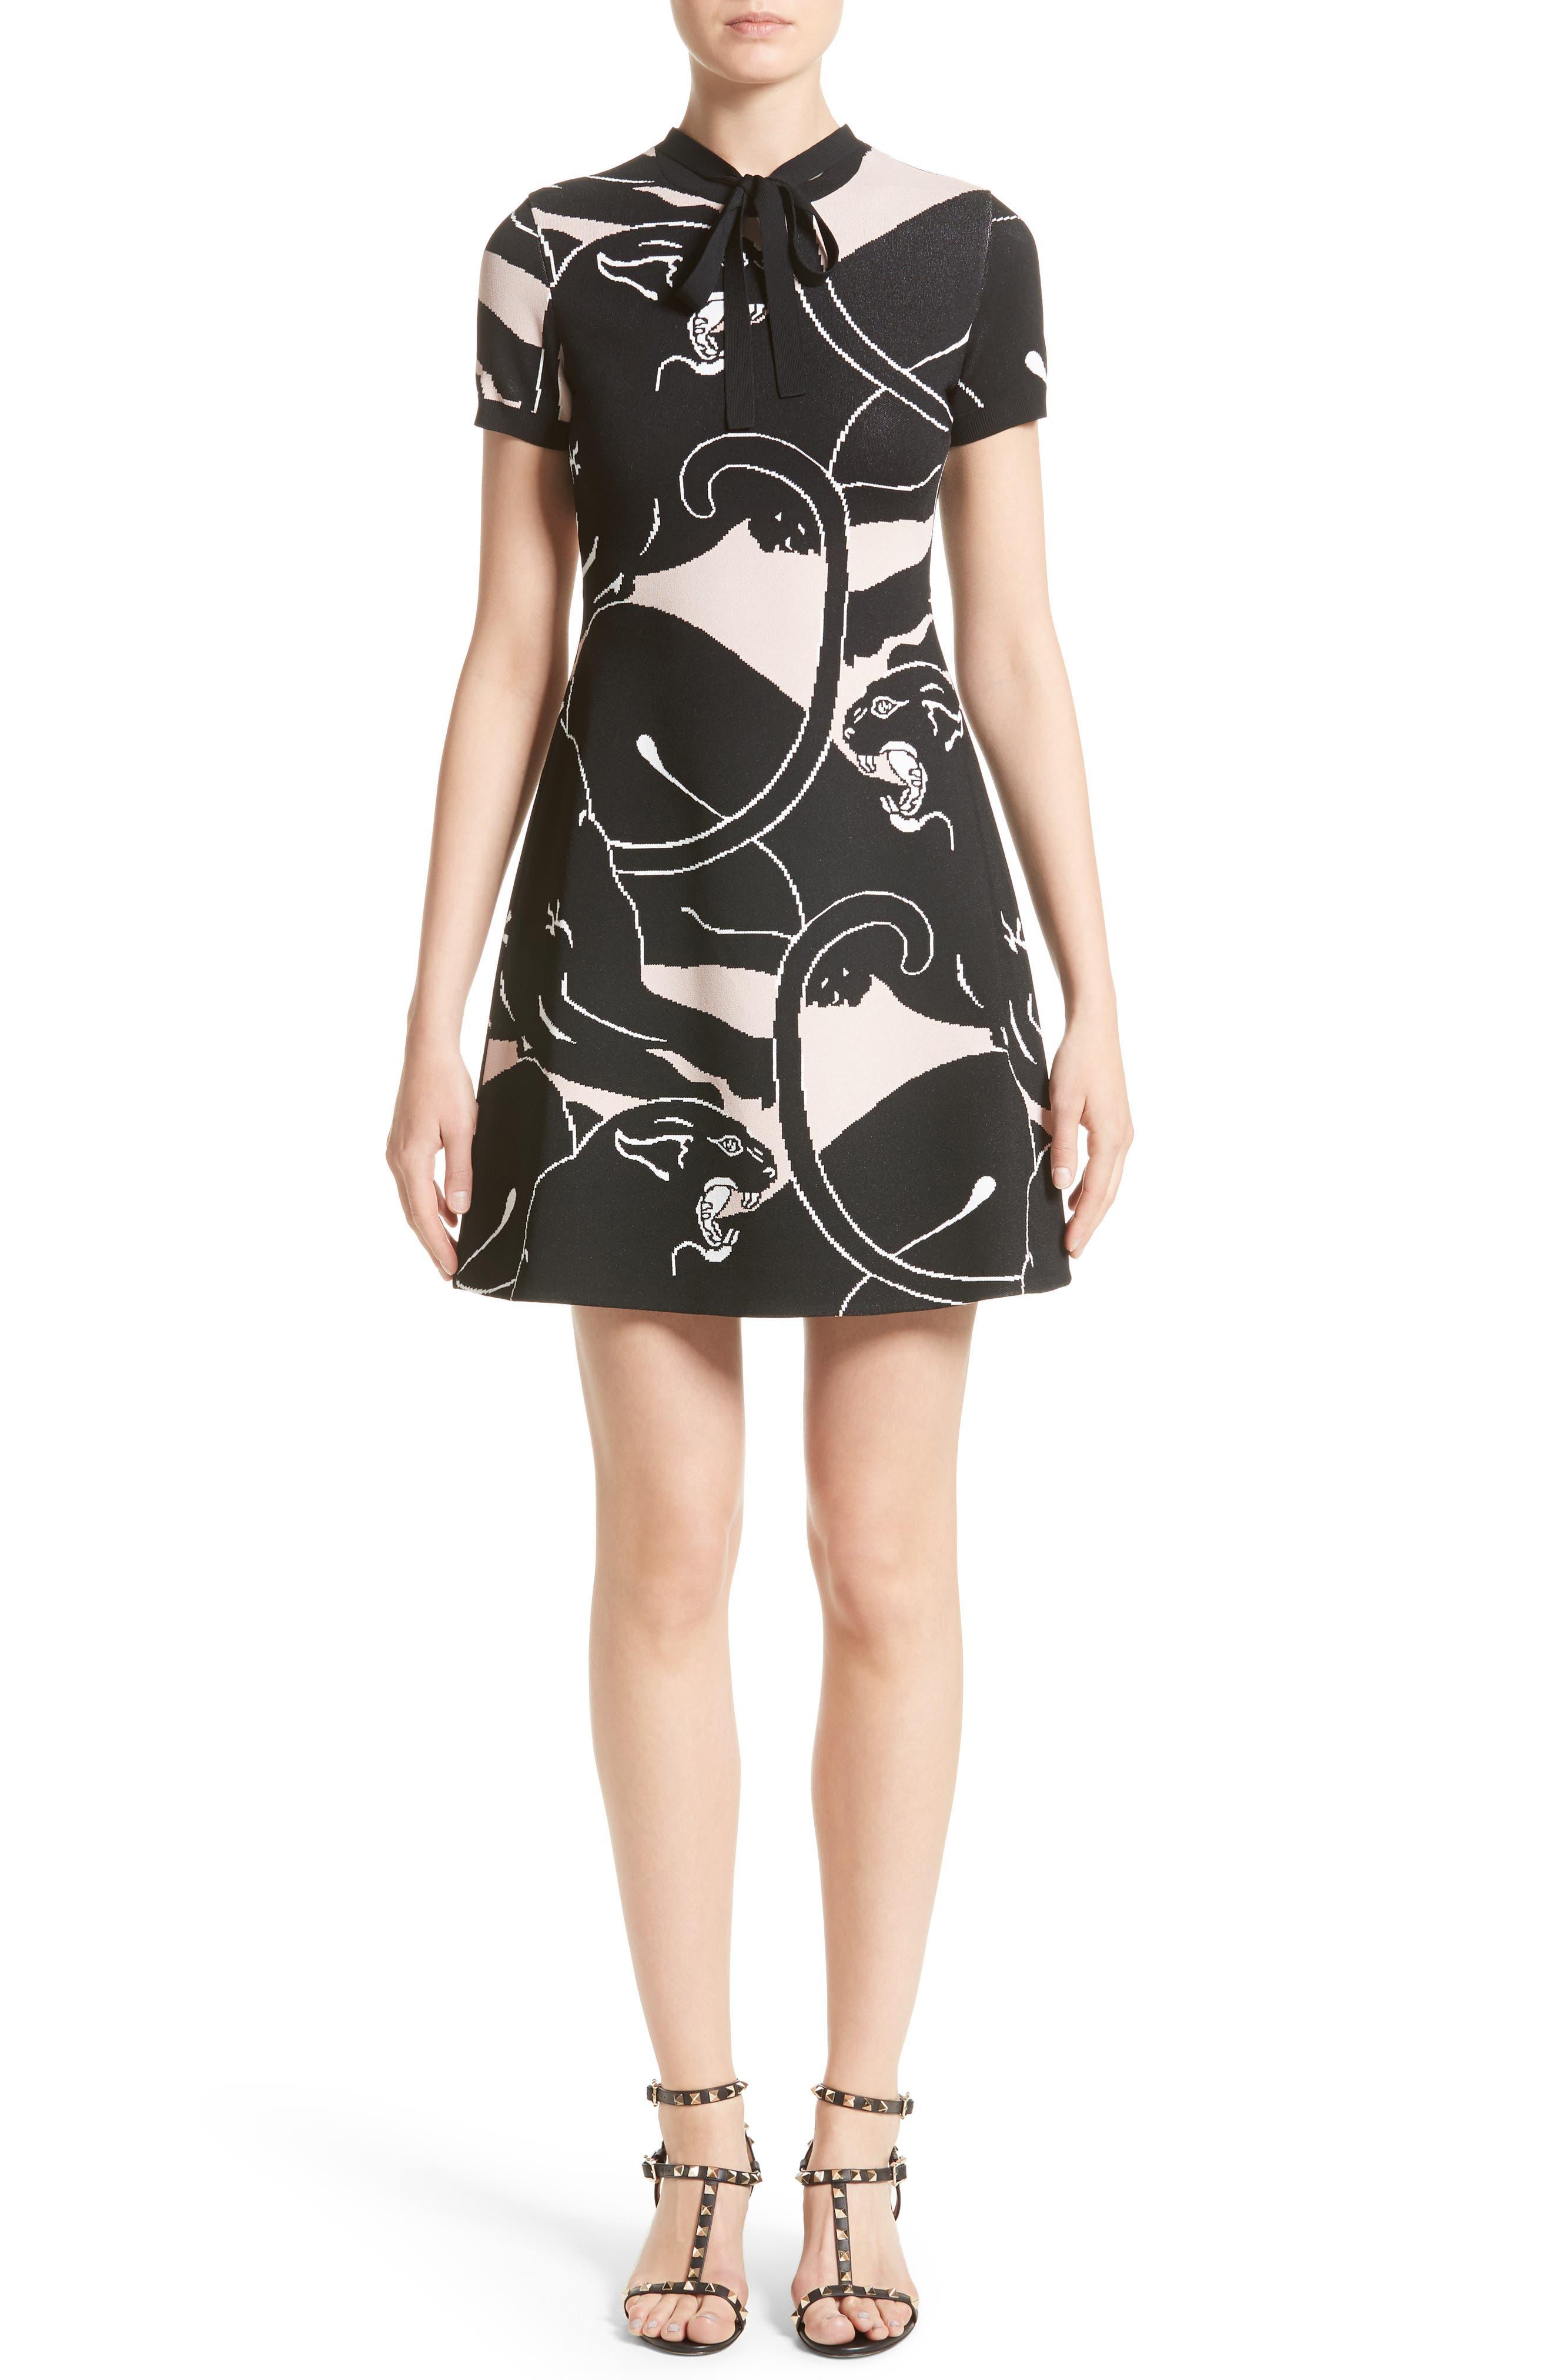 Jacquard Panther Print Dress,                         Main,                         color, 001